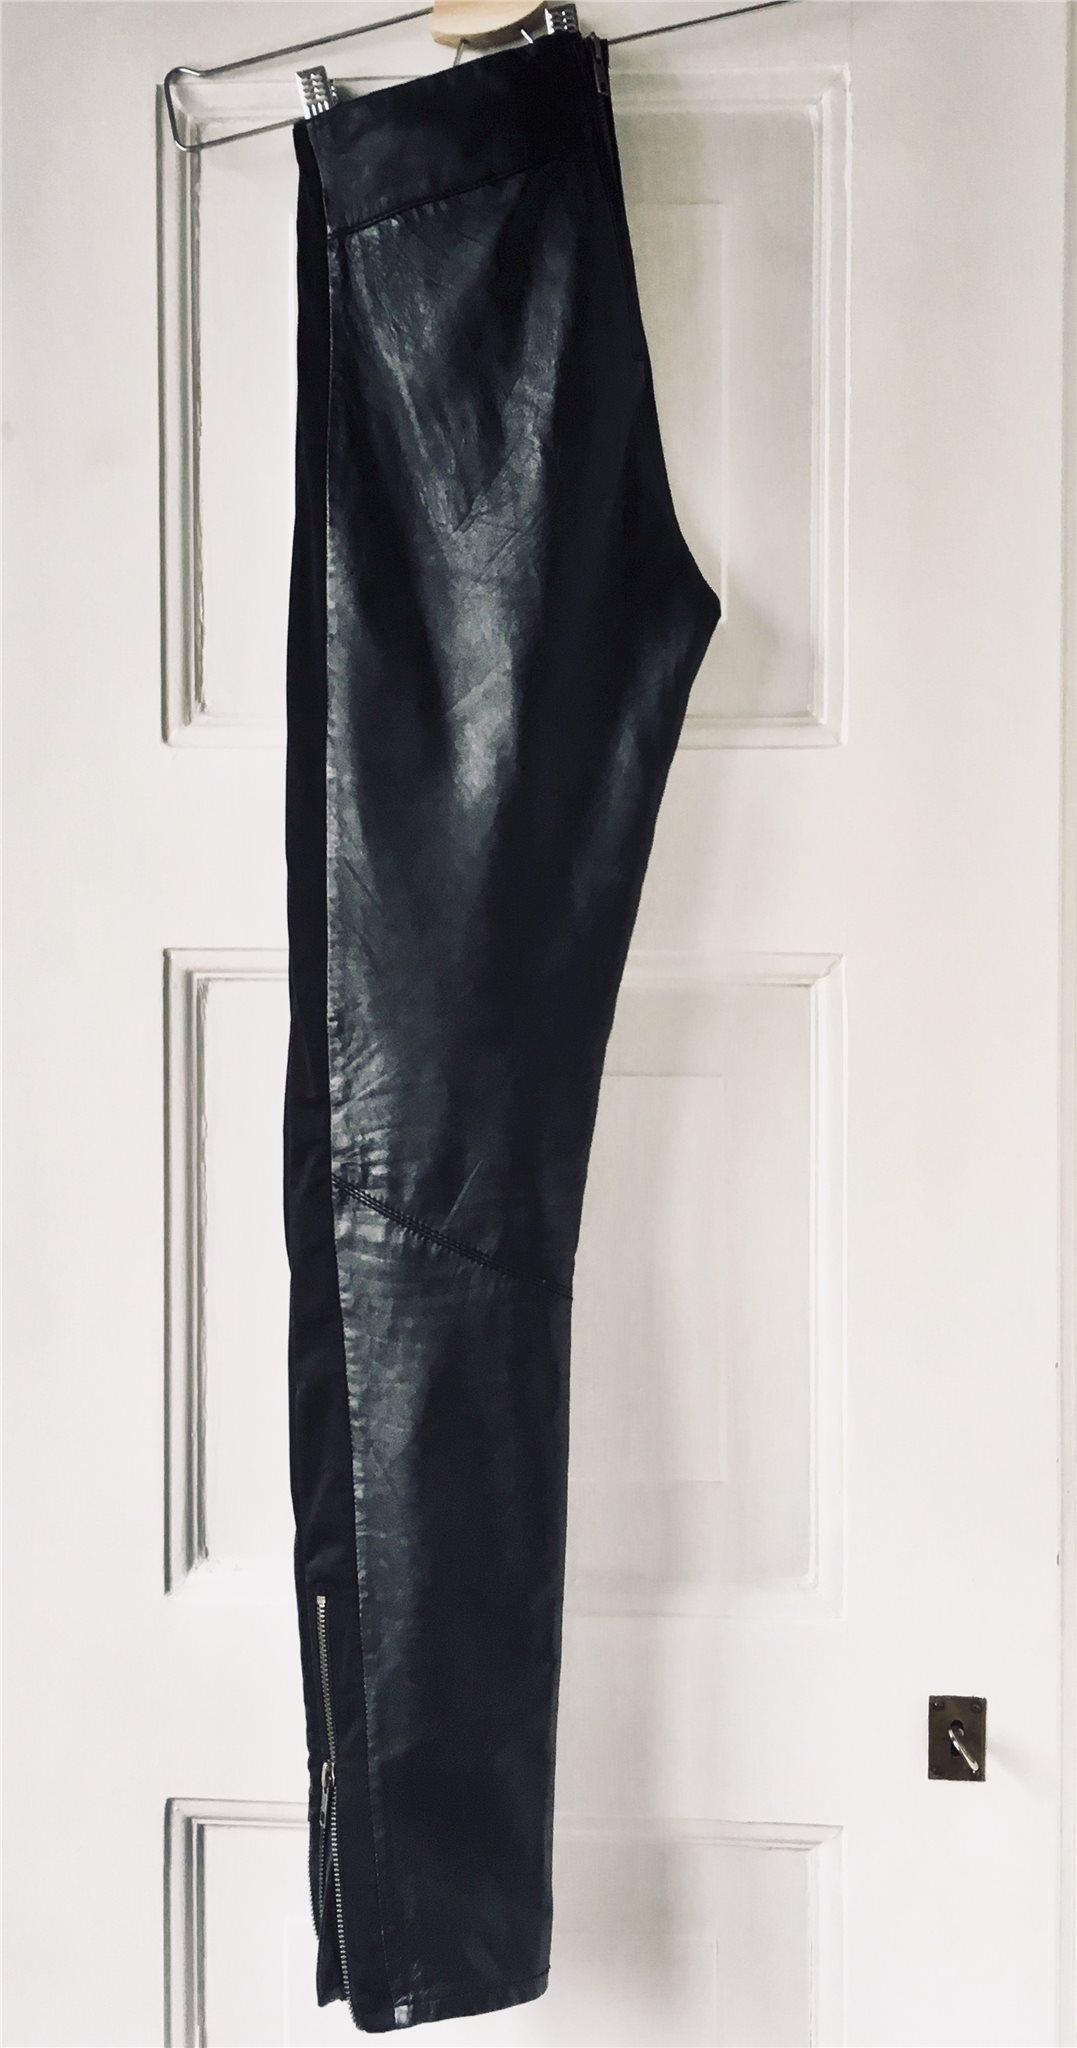 03063abf5302 Äkta läder (tunt skinn) TWIST & TANGO skinnbyxor läderbyxor svart leggings  34 ...